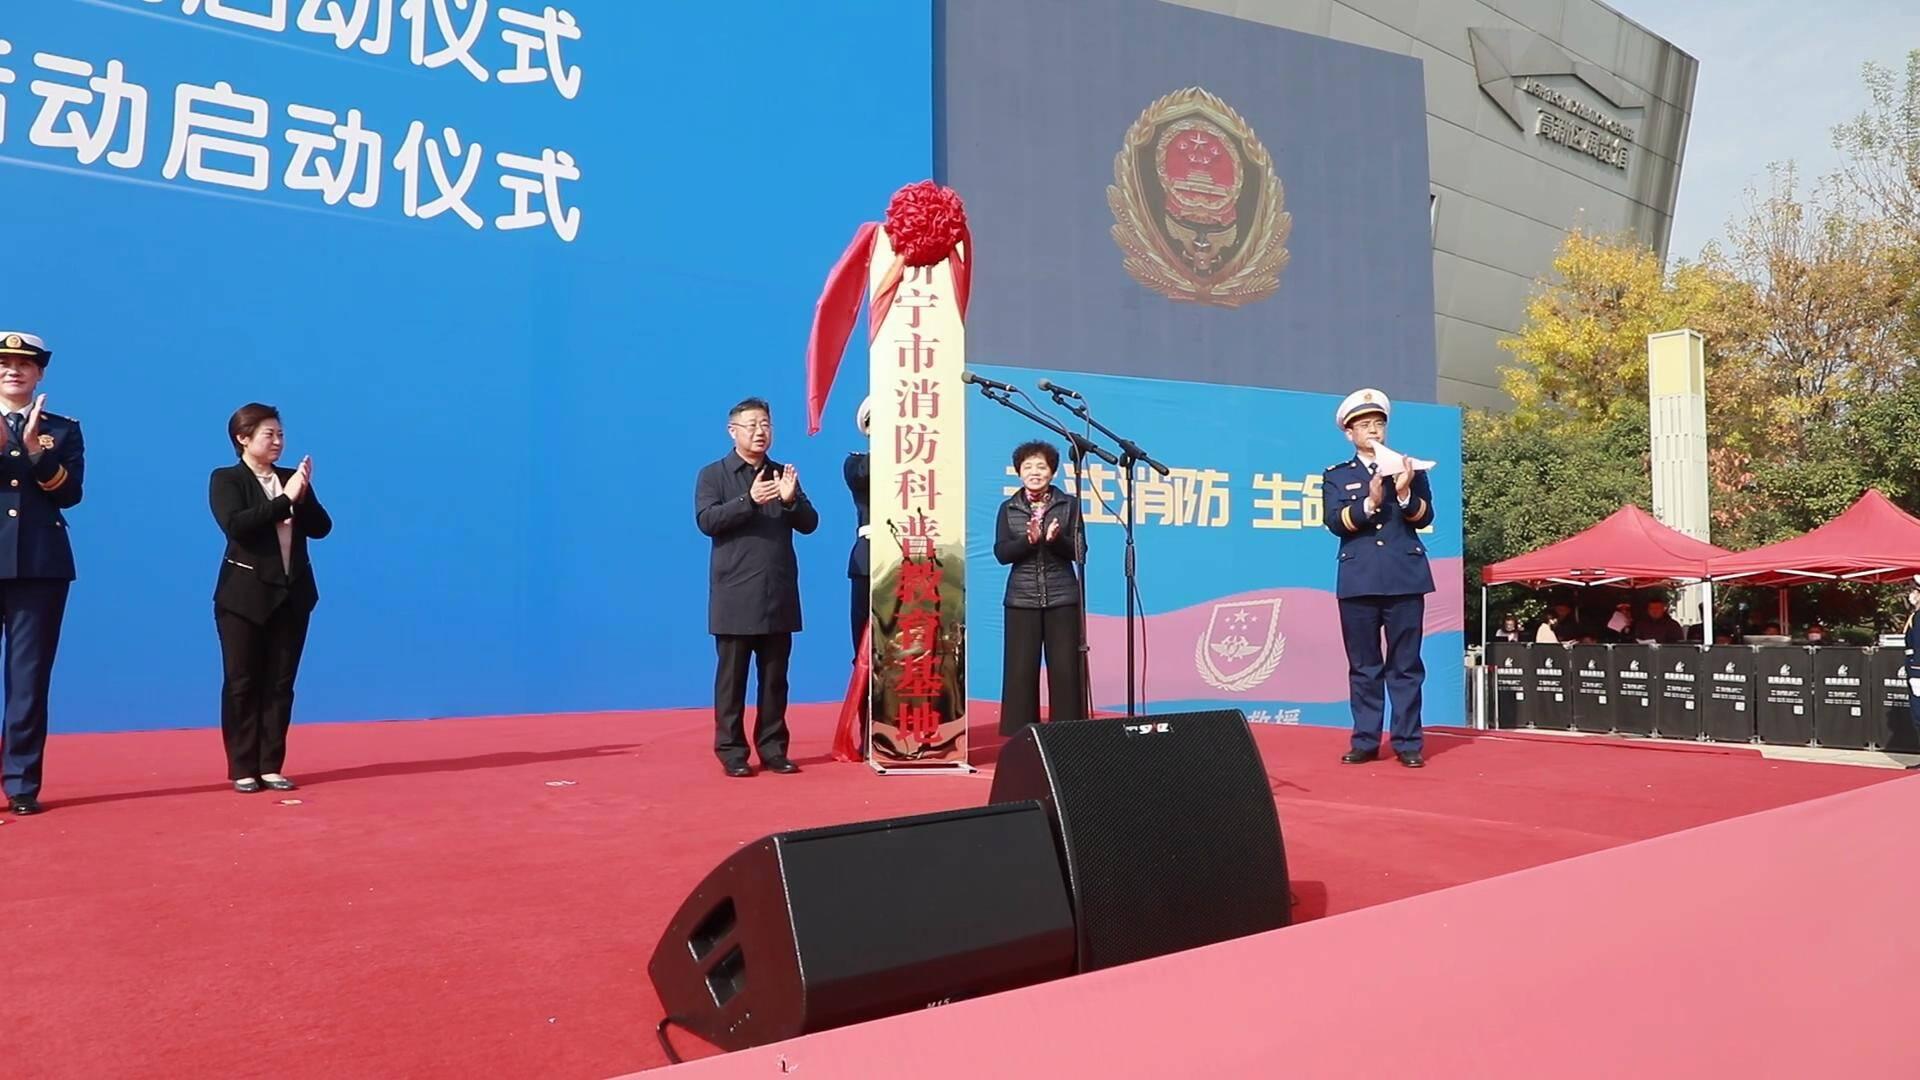 全民参与!山东省已经建成消防科普教育基地577家 43家获得评级授牌